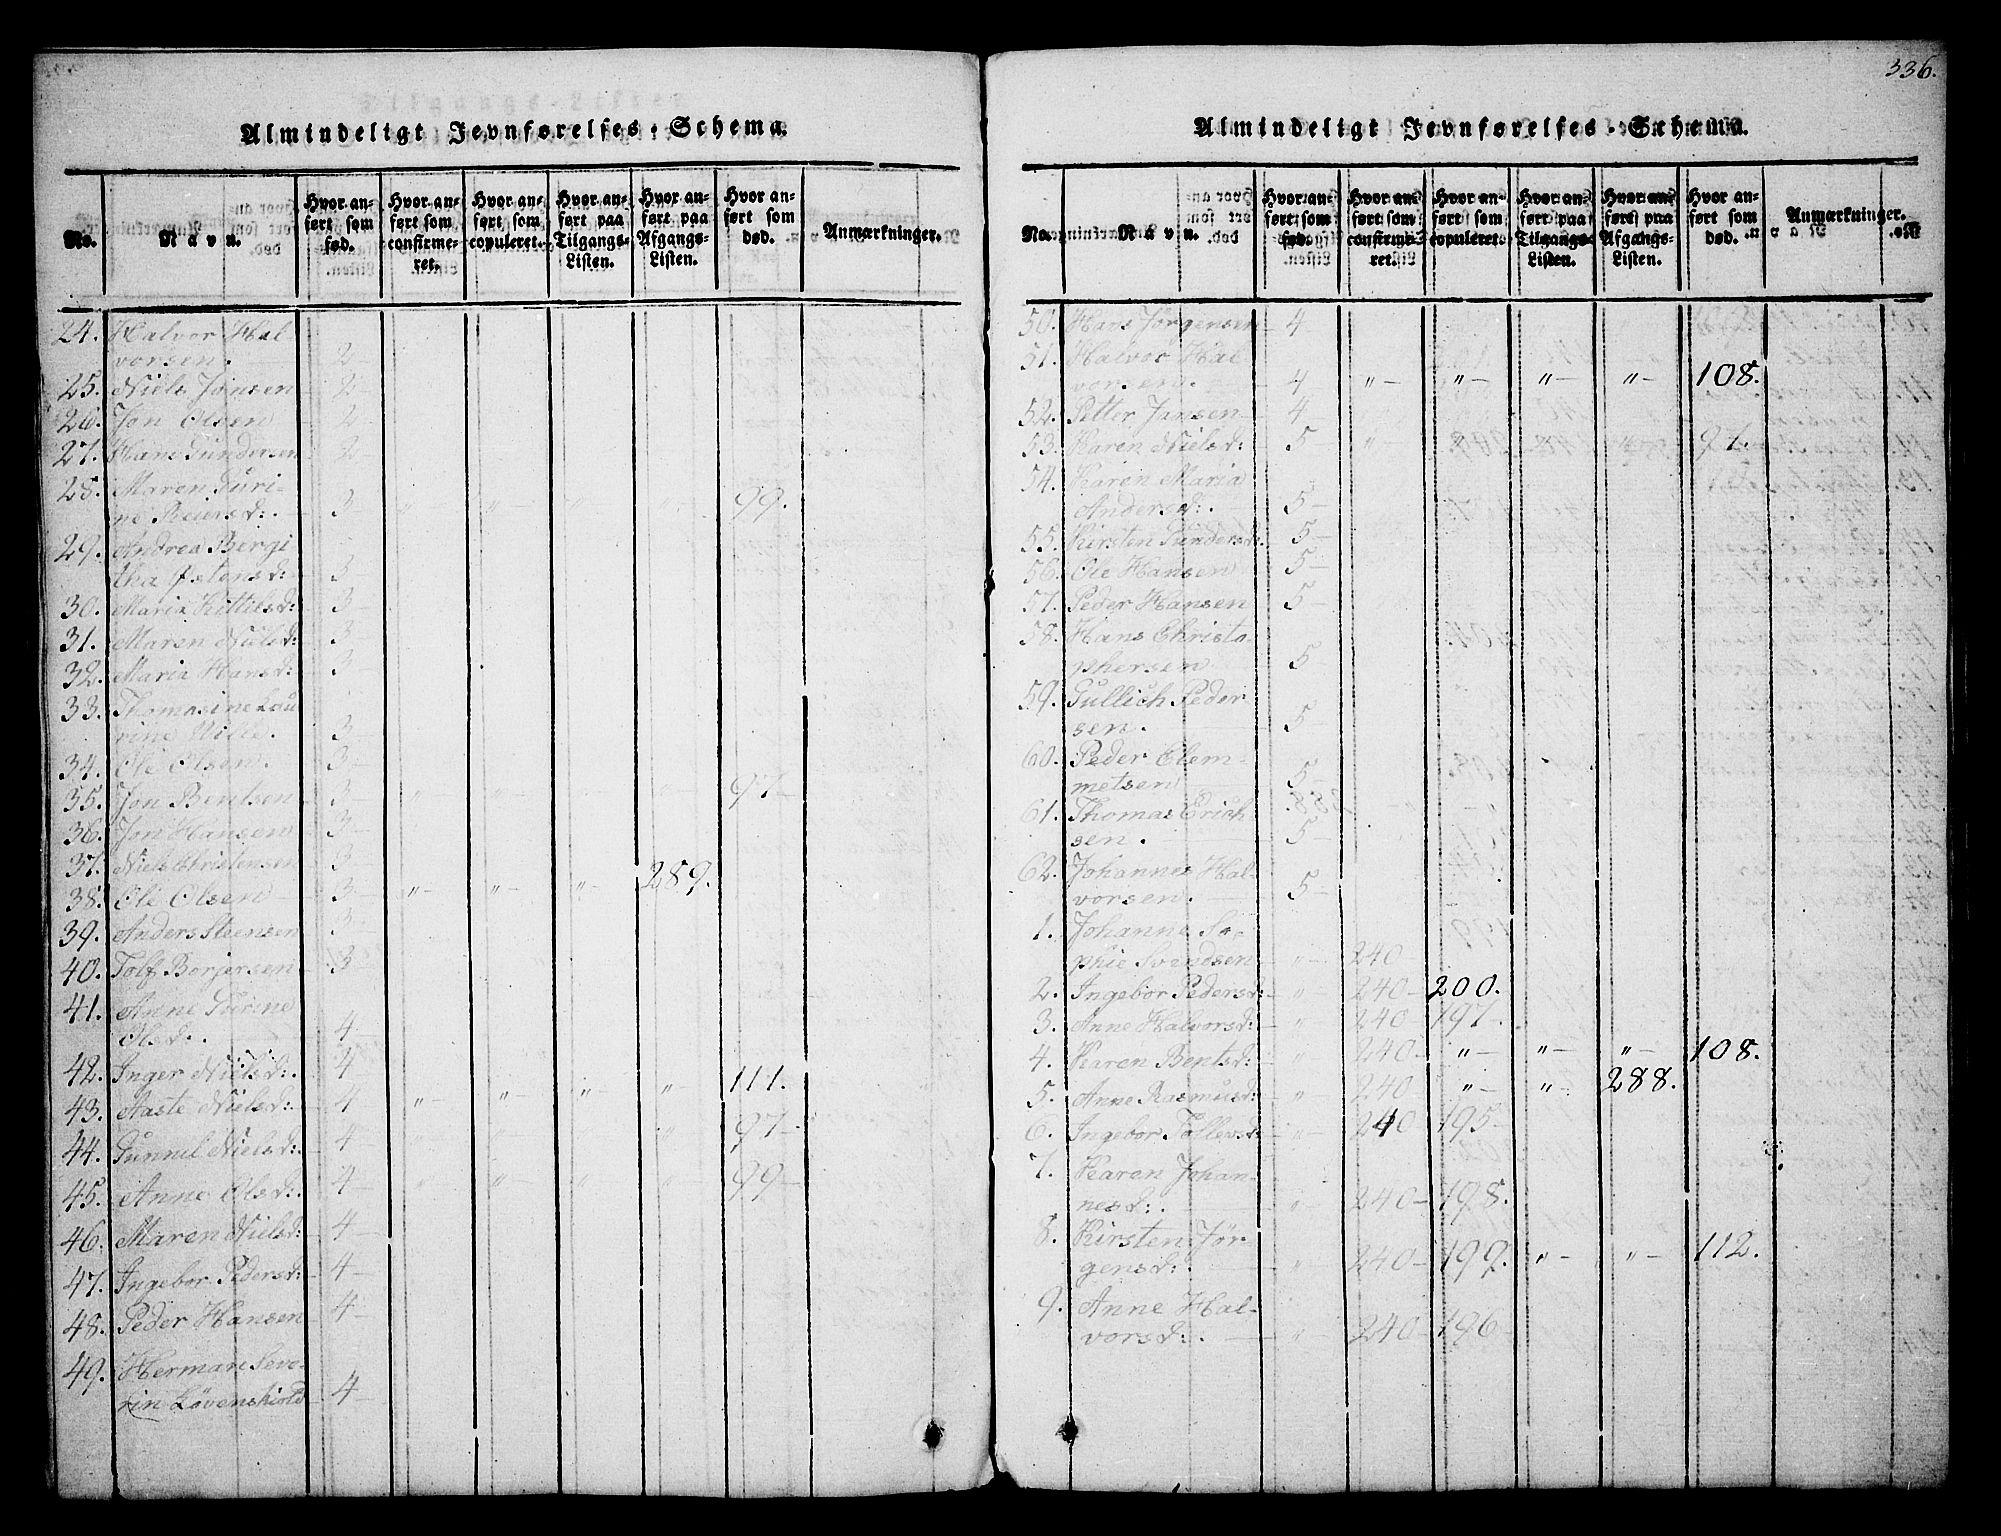 SAKO, Holla kirkebøker, G/Ga/L0001: Klokkerbok nr. I 1, 1814-1830, s. 336